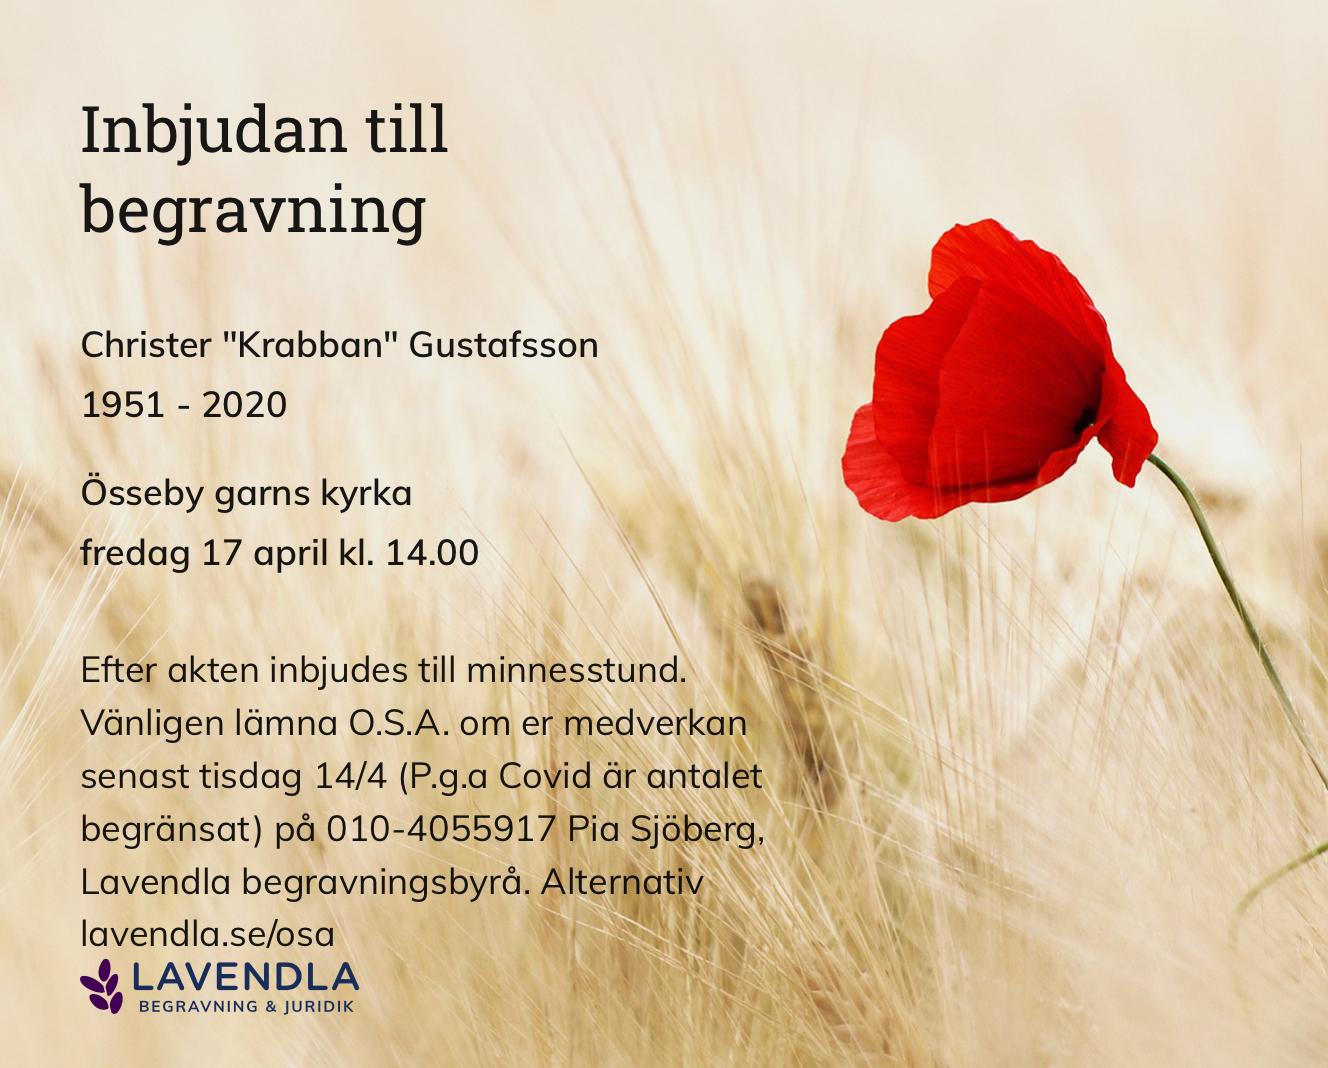 """Inbjudningskort till ceremonin för Christer """"Krabban"""" Gustafsson"""